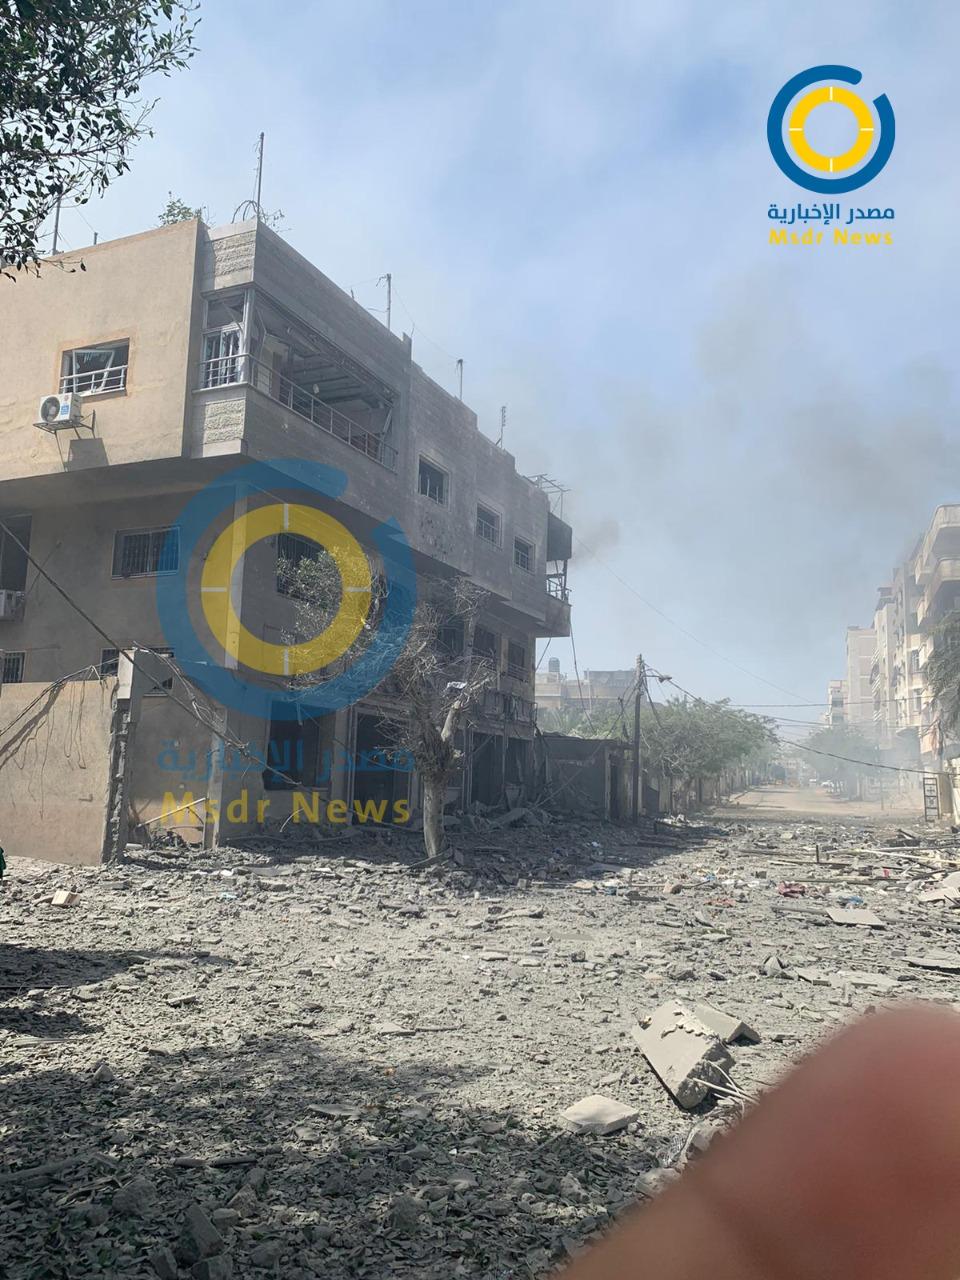 العدوان الإسرائيلي على غزة.. حصيلة خسائر 7 أيام من التصعيد